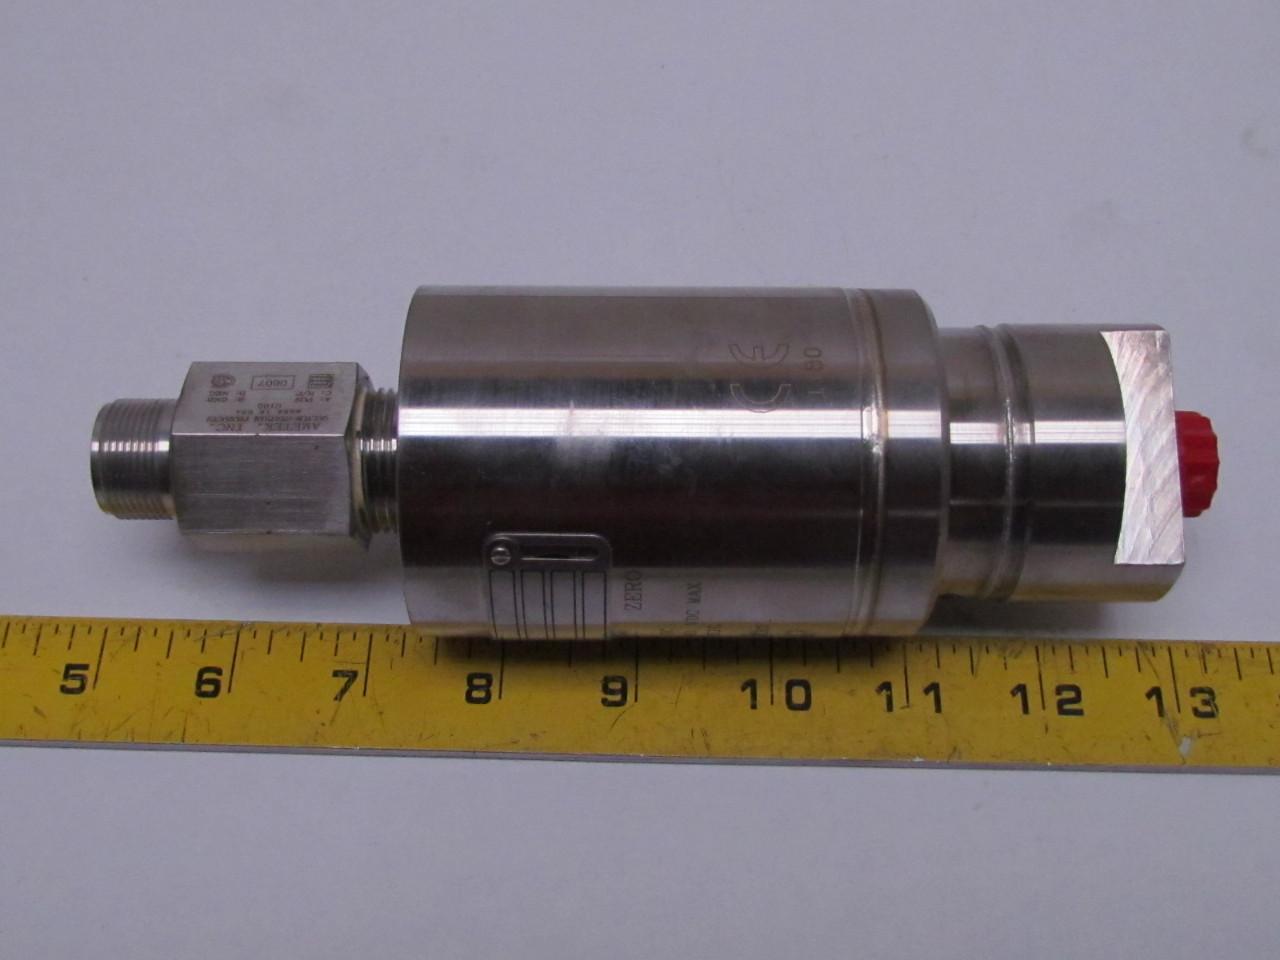 Ametek Pg3000 100 48 12 08 10 00 Stainless Steel Pressure